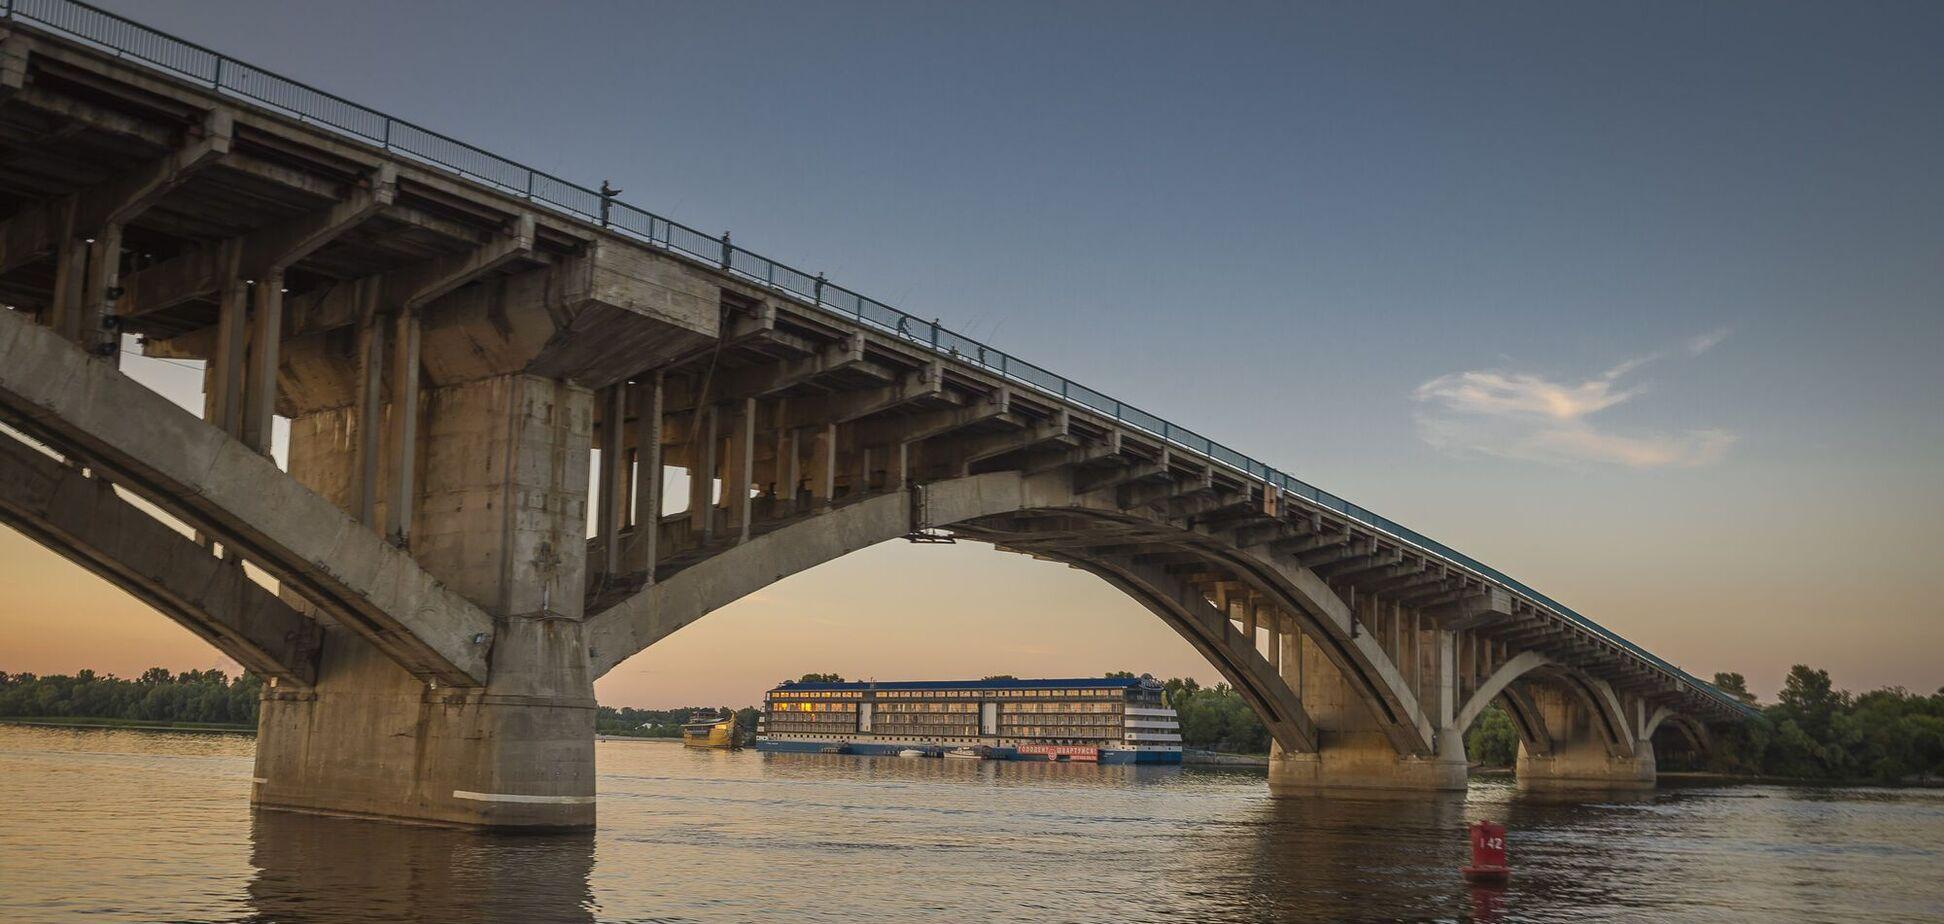 У Києві відреставрують міст Метро за 60 мільйонів євро: з'являться велодоріжки та підсвічування